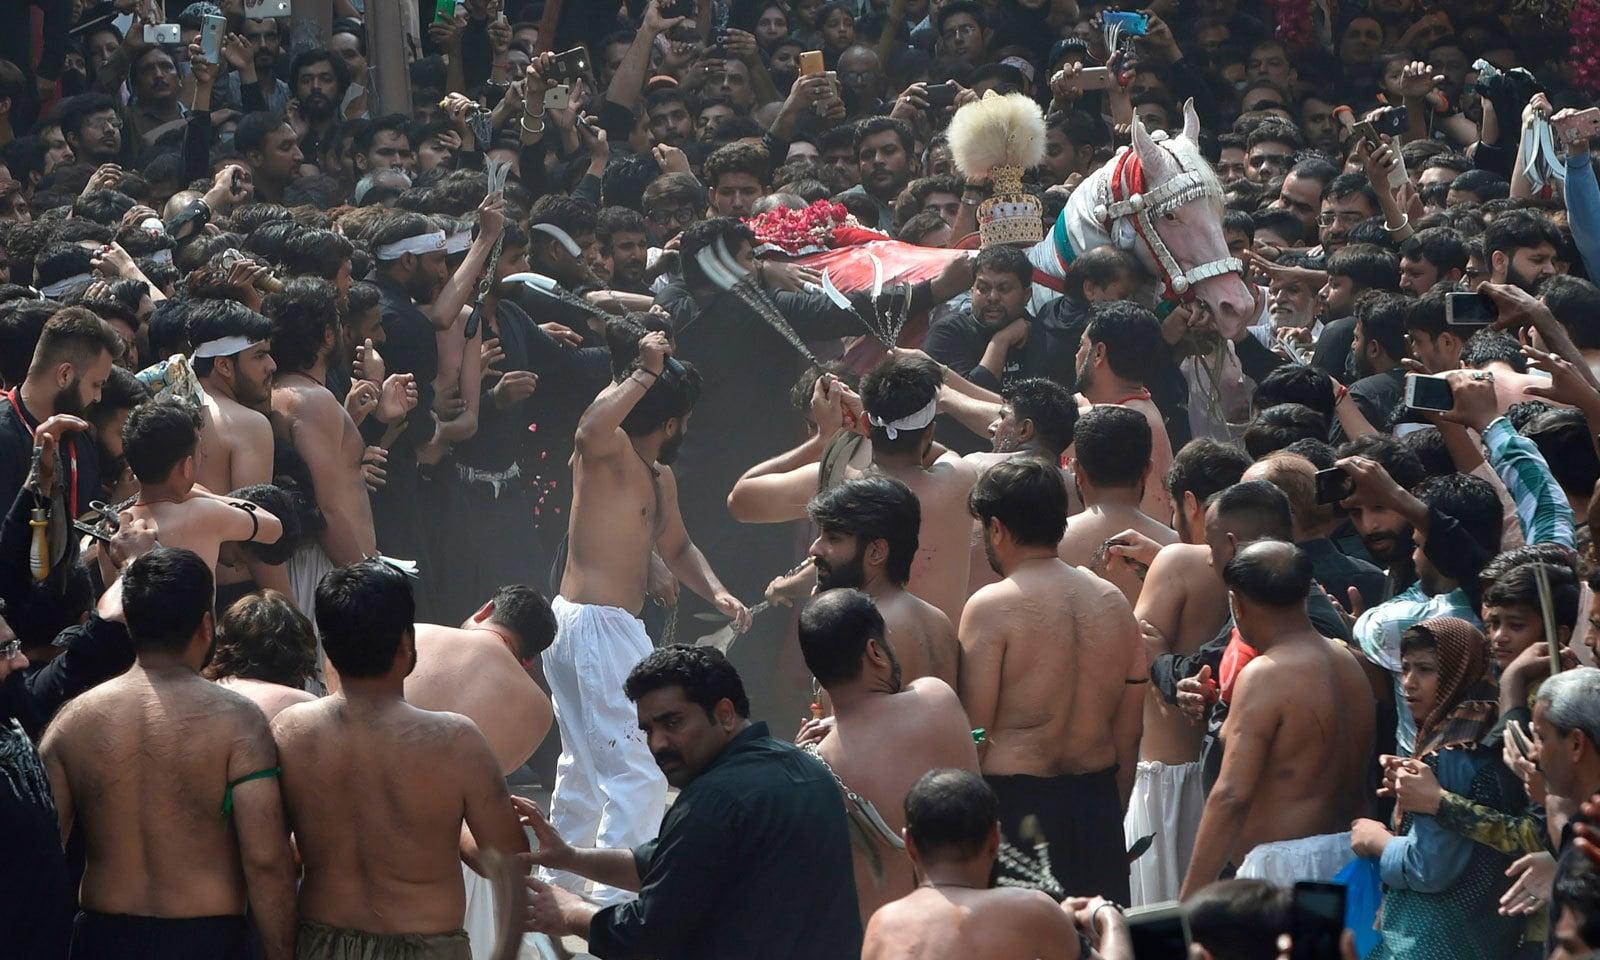 عزاداروں نے 9محرم الحرام کے جلوسوں میں زنجیر زنی، قمہ زنی اور سینہ کوبی کی— فوٹو: اے ایف پی